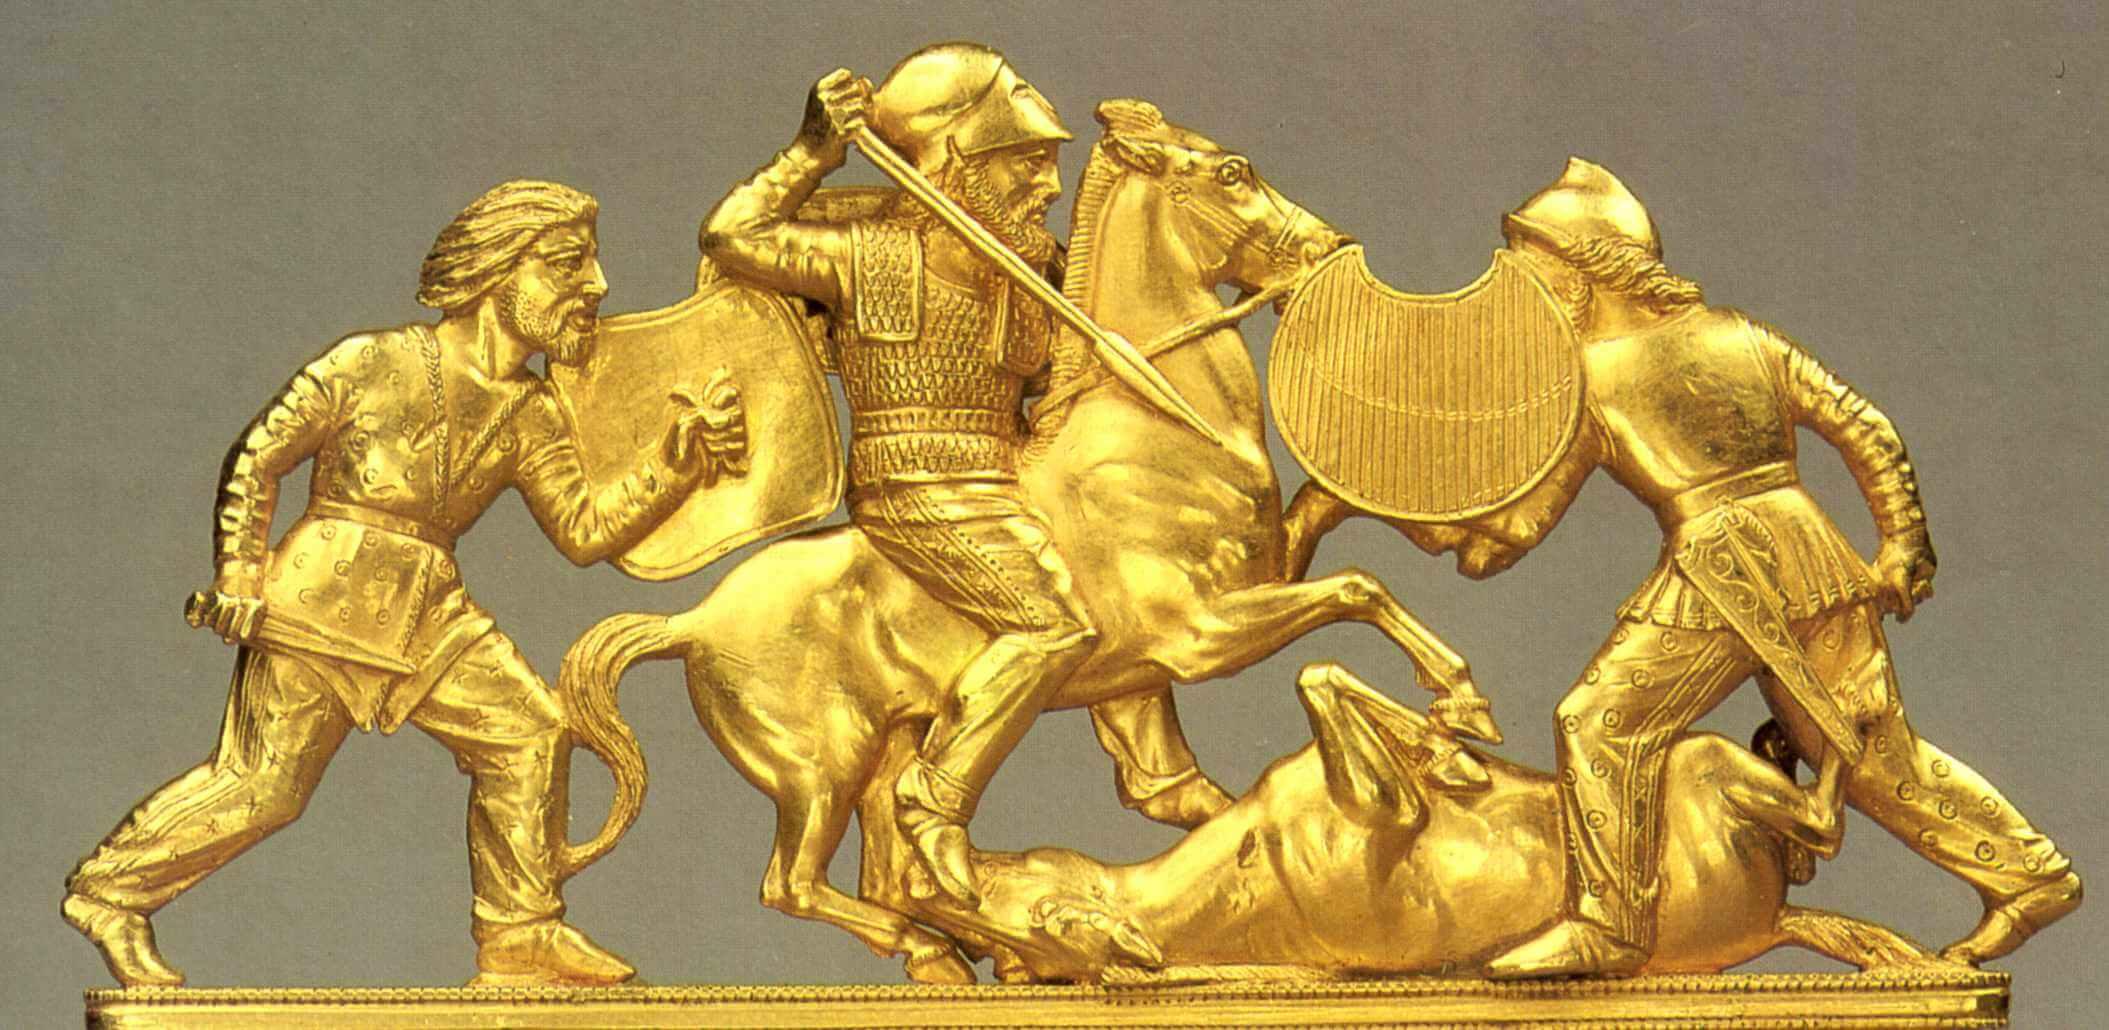 Скифский золотой гребень с изображением батальной сцены, из солохского кургана, 430-390 гг. до н. э.